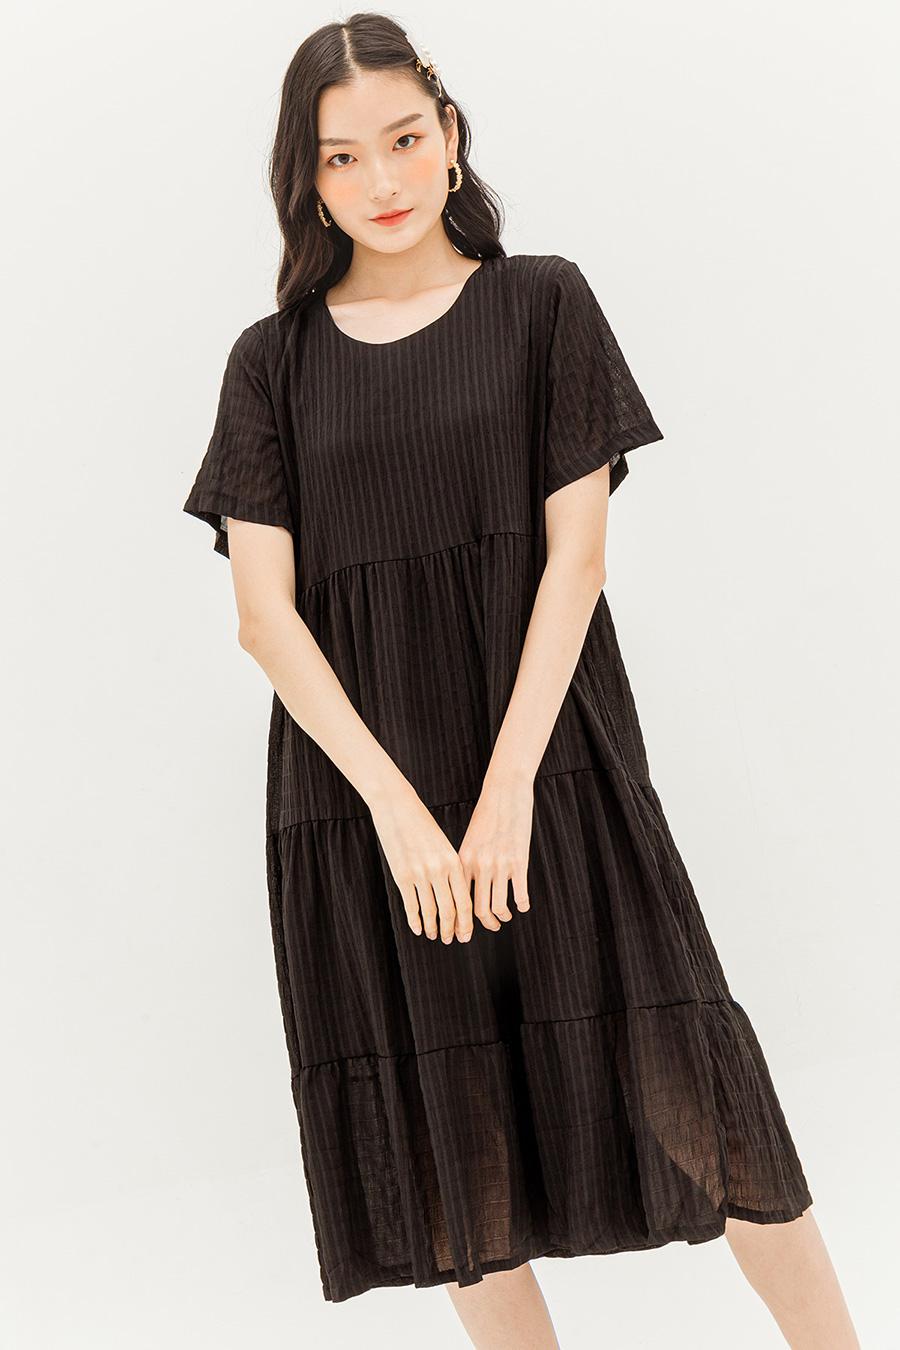 GEORGIA DRESS - NOIR